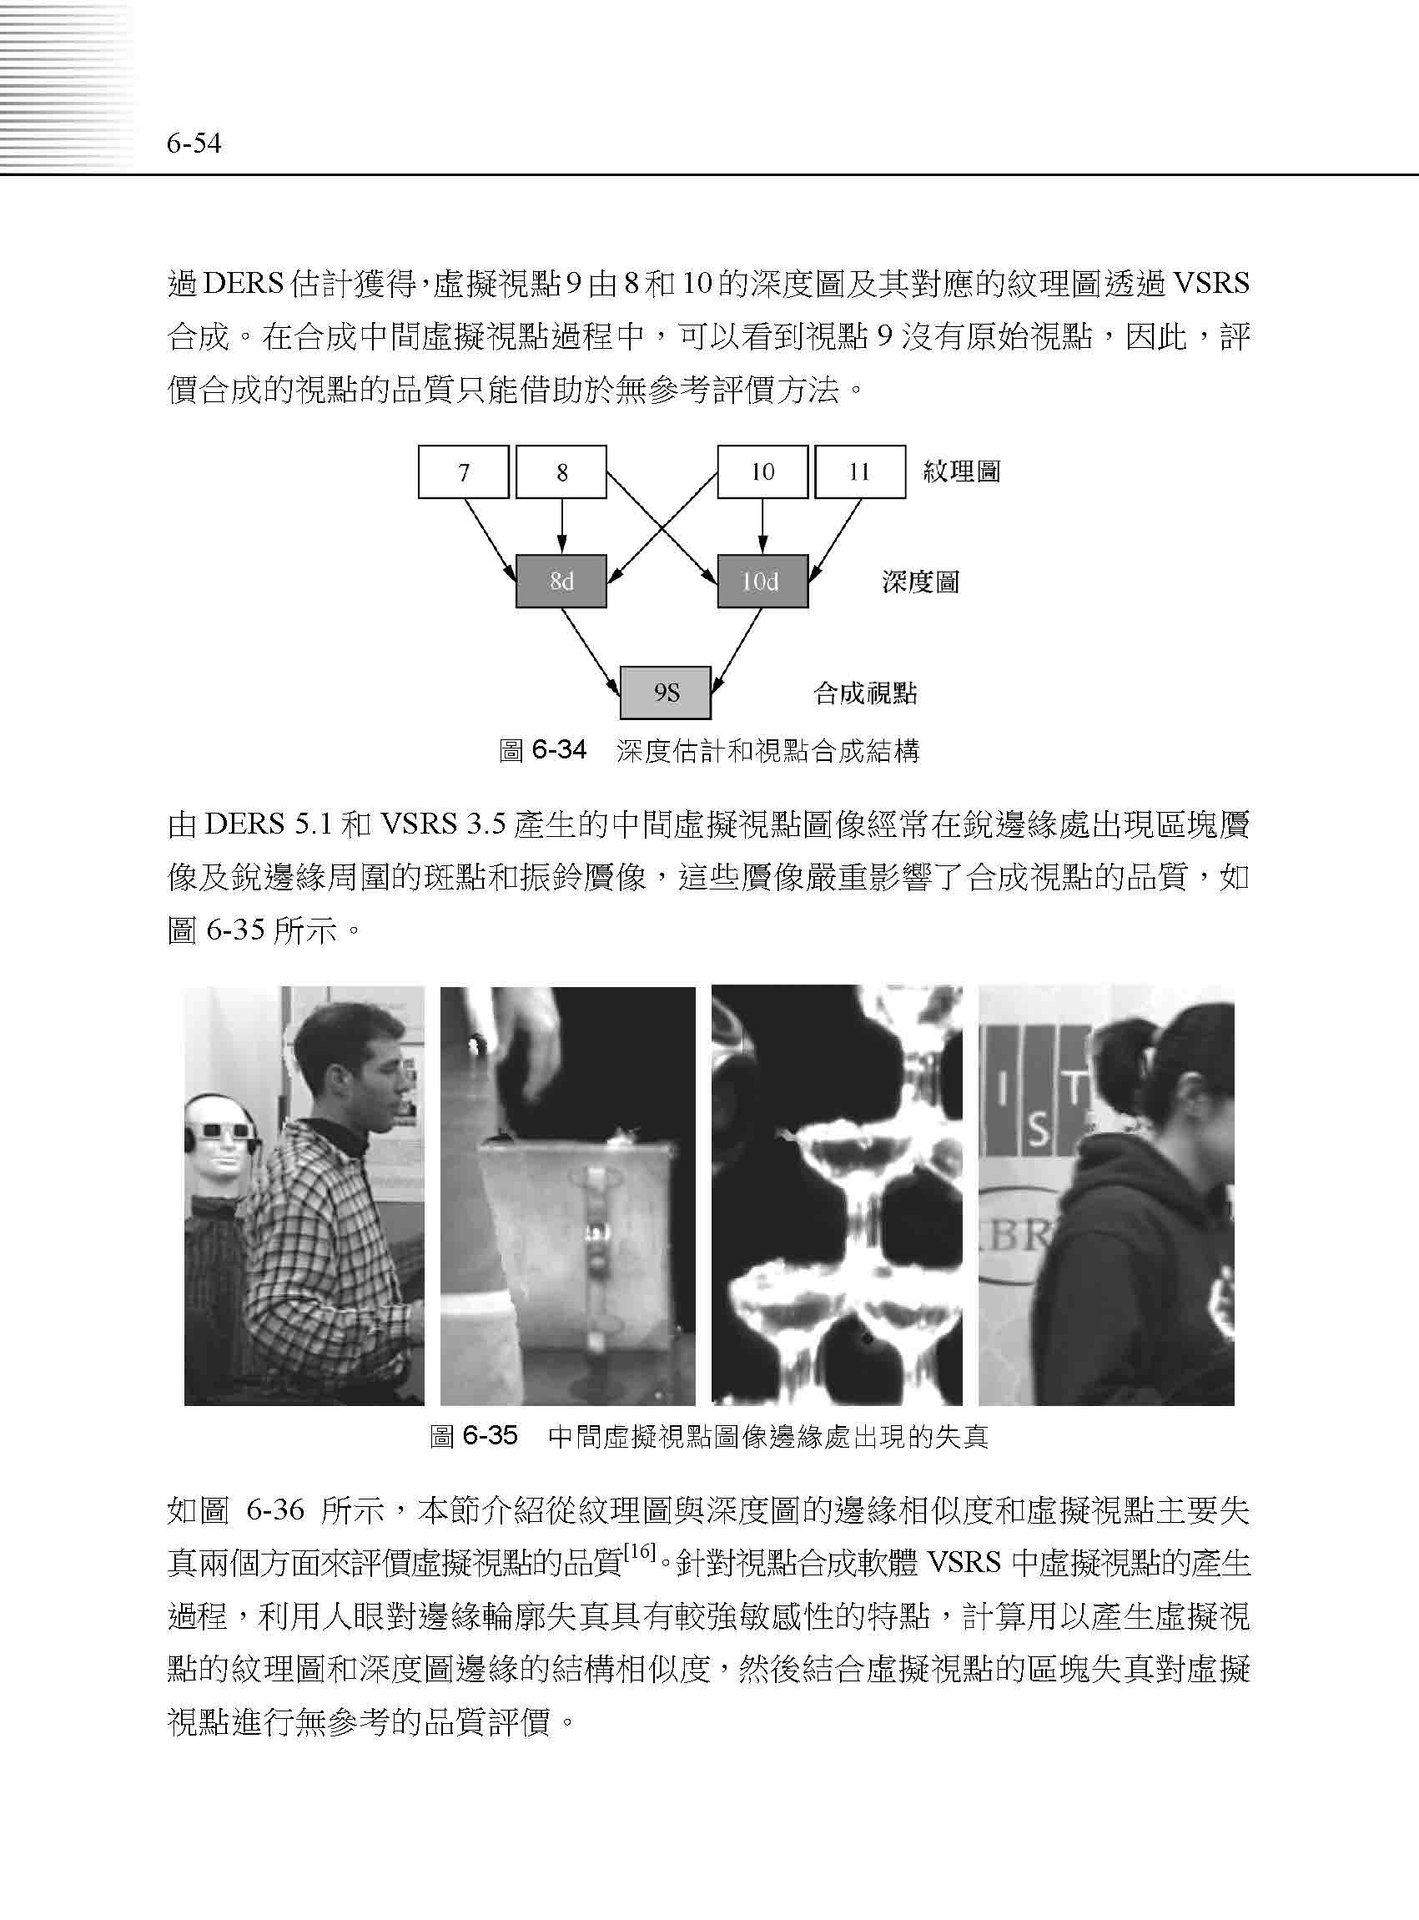 完全掌握:最強3D視訊處理技術書 (舊名: 無懈可擊的 3D視訊處理技術)-preview-14